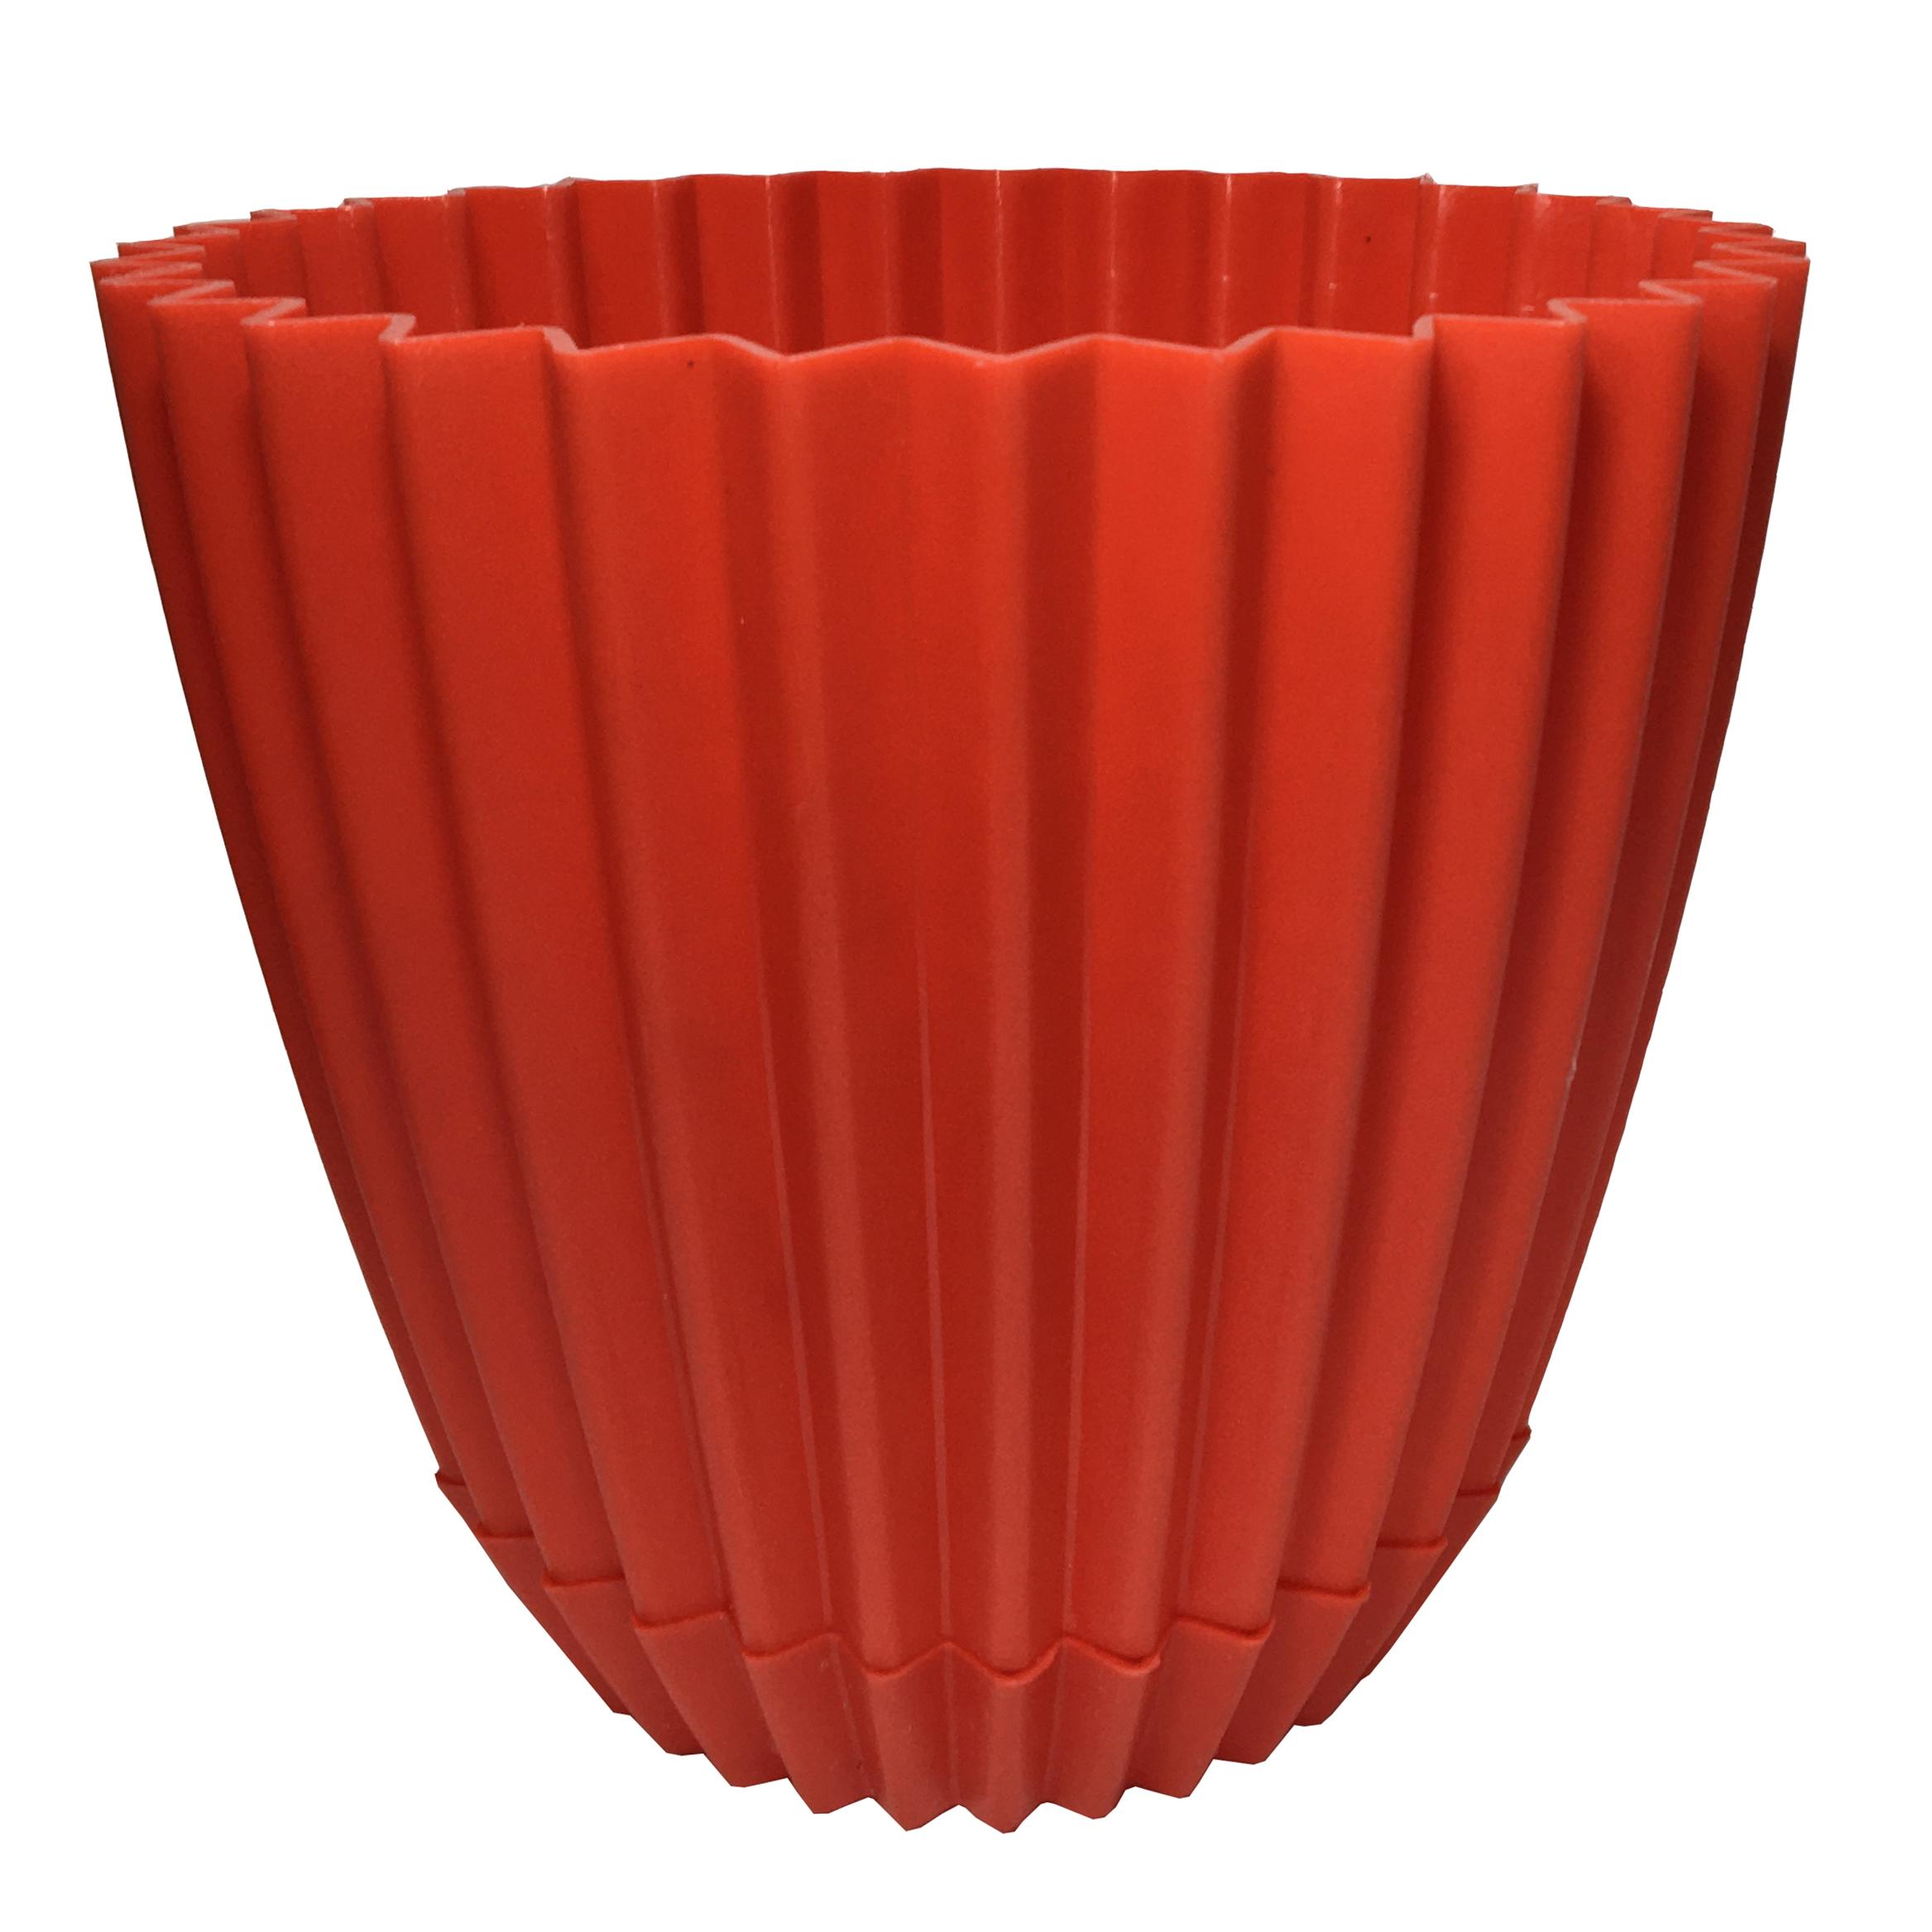 گلدان دانیال پلاستیک کد 223